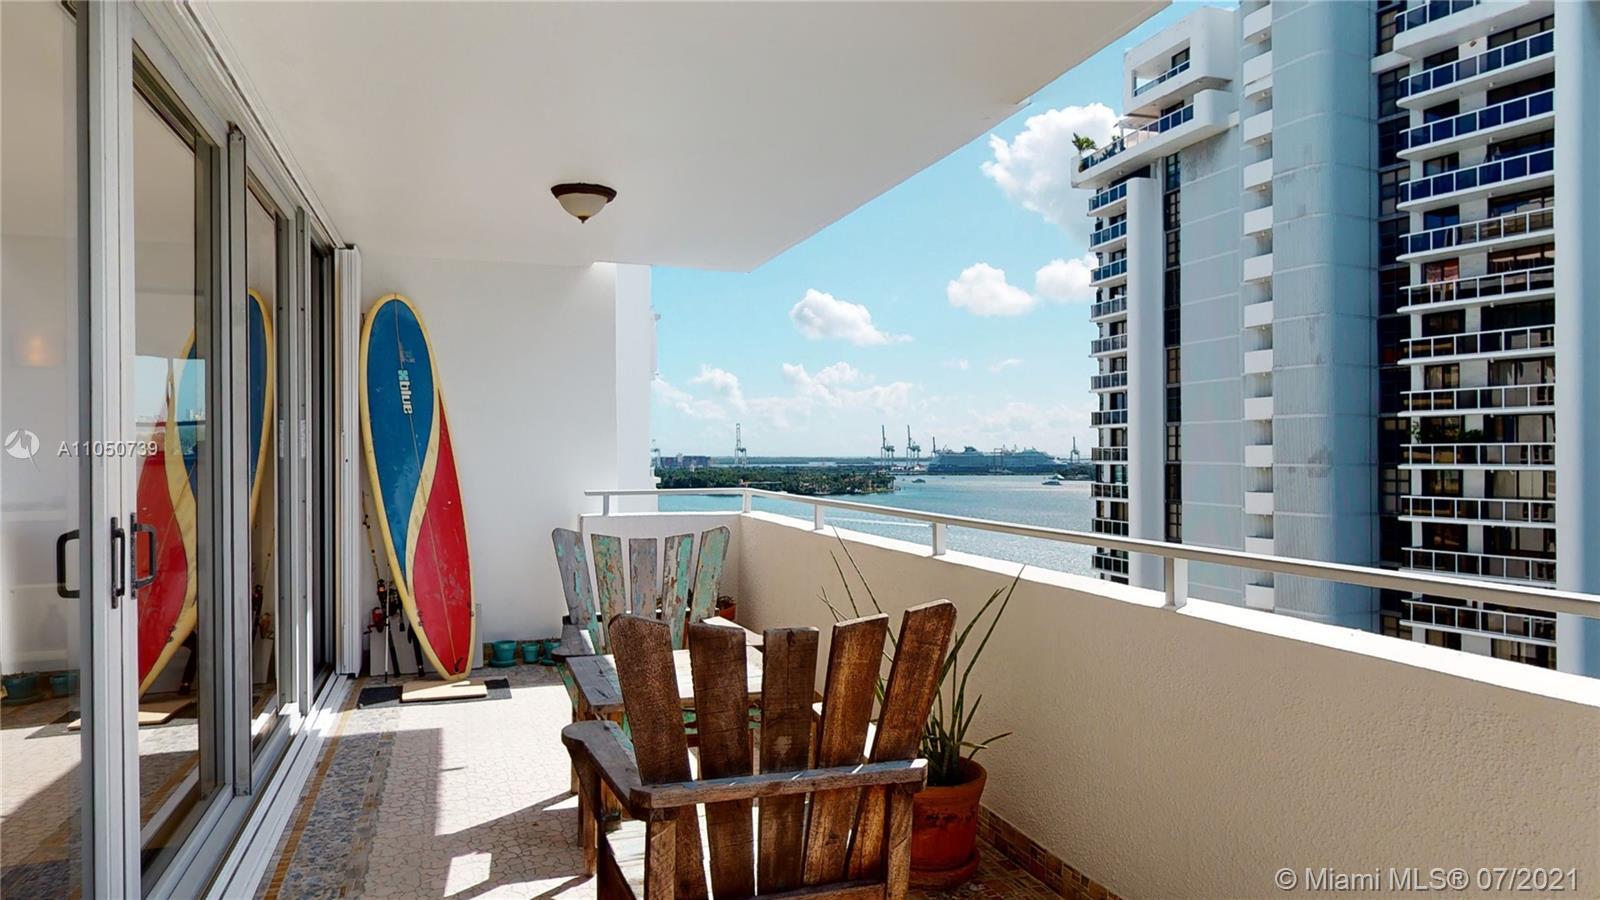 Costa Brava #1711 - 11 Island Ave #1711, Miami Beach, FL 33139